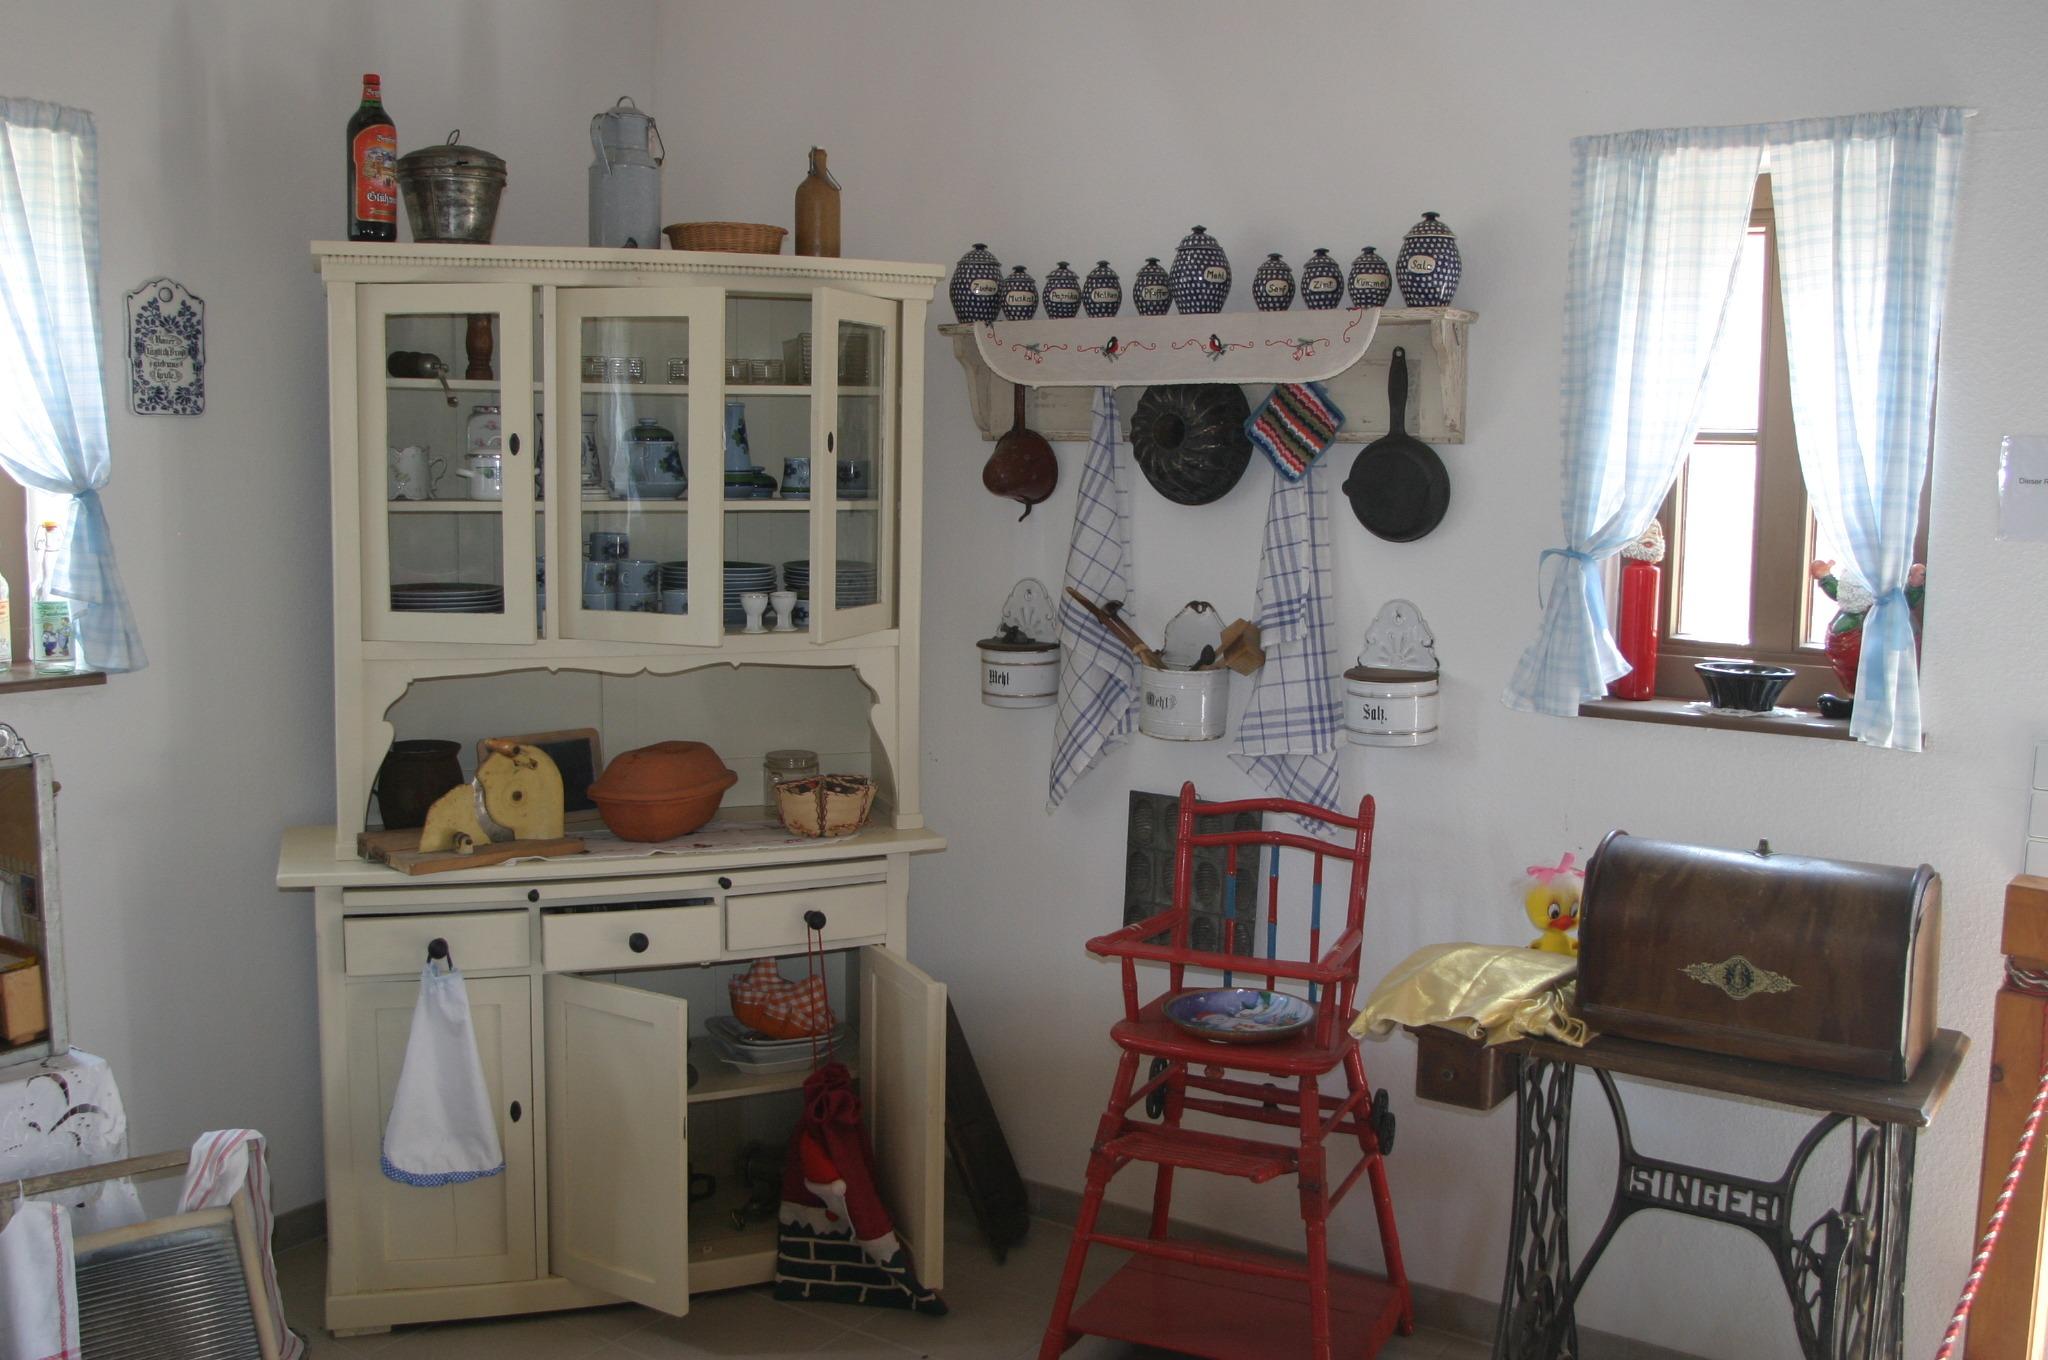 https://get.pxhere.com/photo/home-cottage-kitchen-property-living-room-furniture-room-interior-design-places-of-interest-mecklenburg-dining-room-lake-district-mecklenburg-vorpommern-old-furniture-weichnachtsort-himmelpfort-christmas-post-office-1000882.jpg